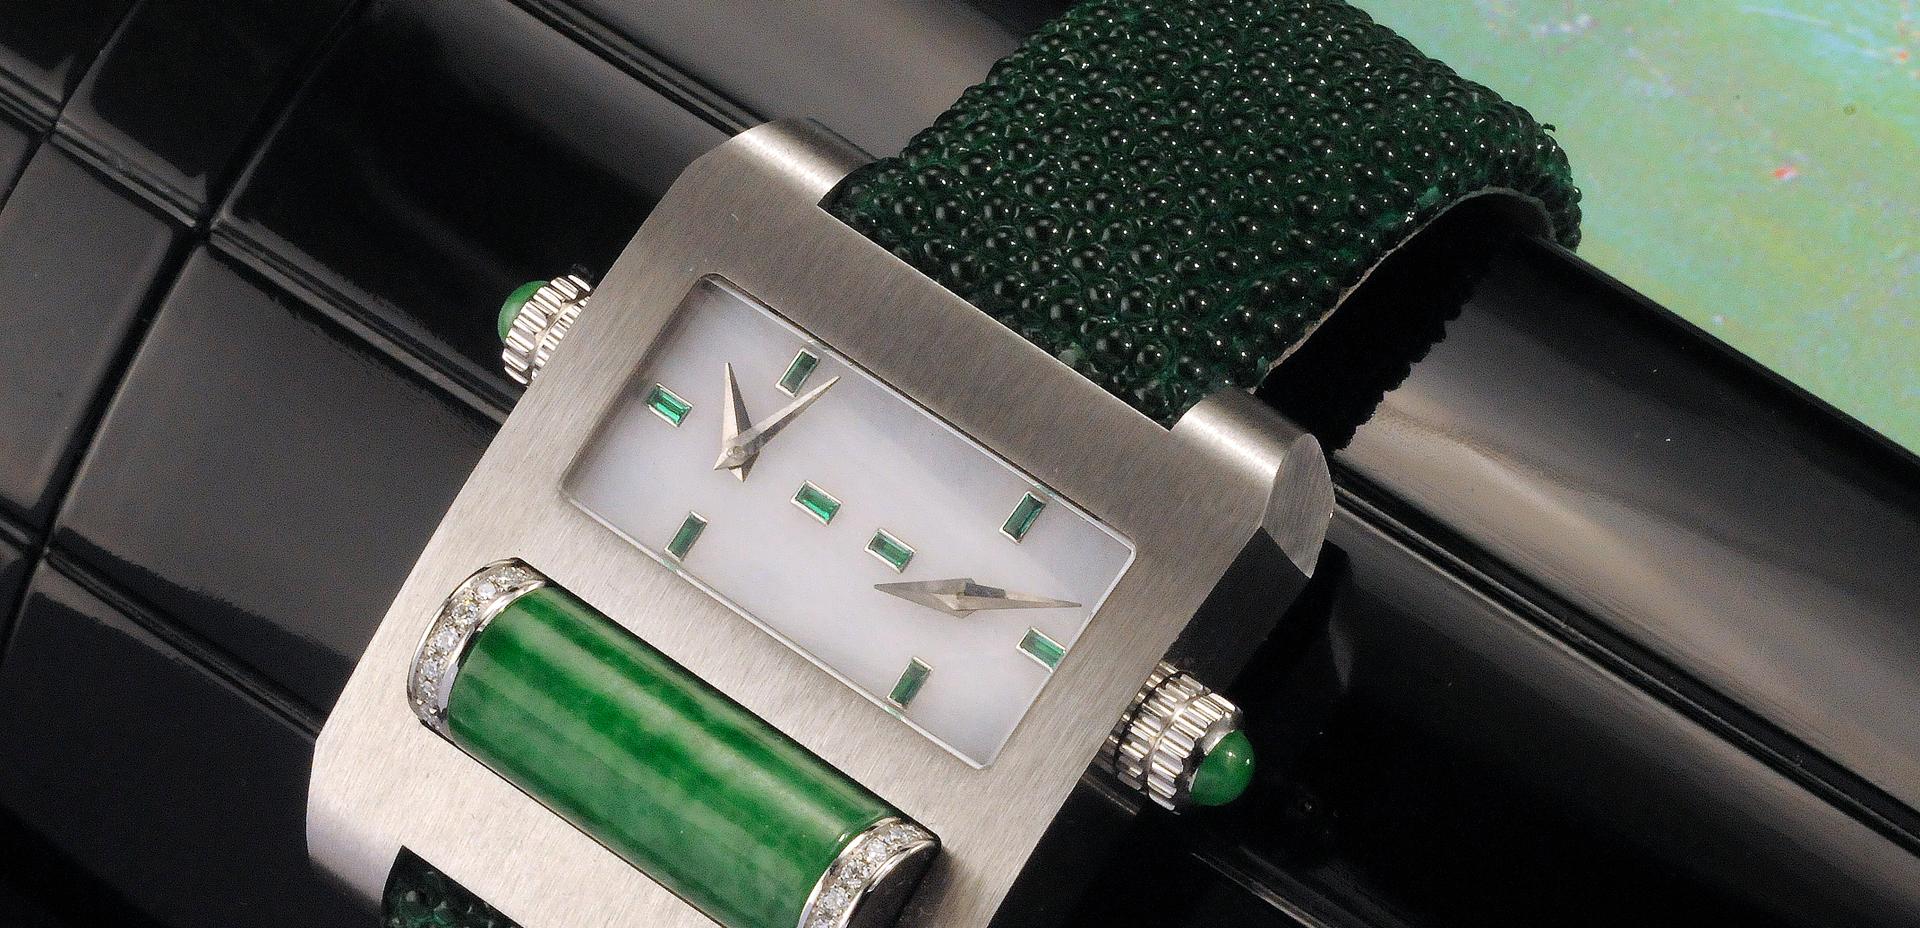 Galuchat vert-boite blanche-diamant-roul